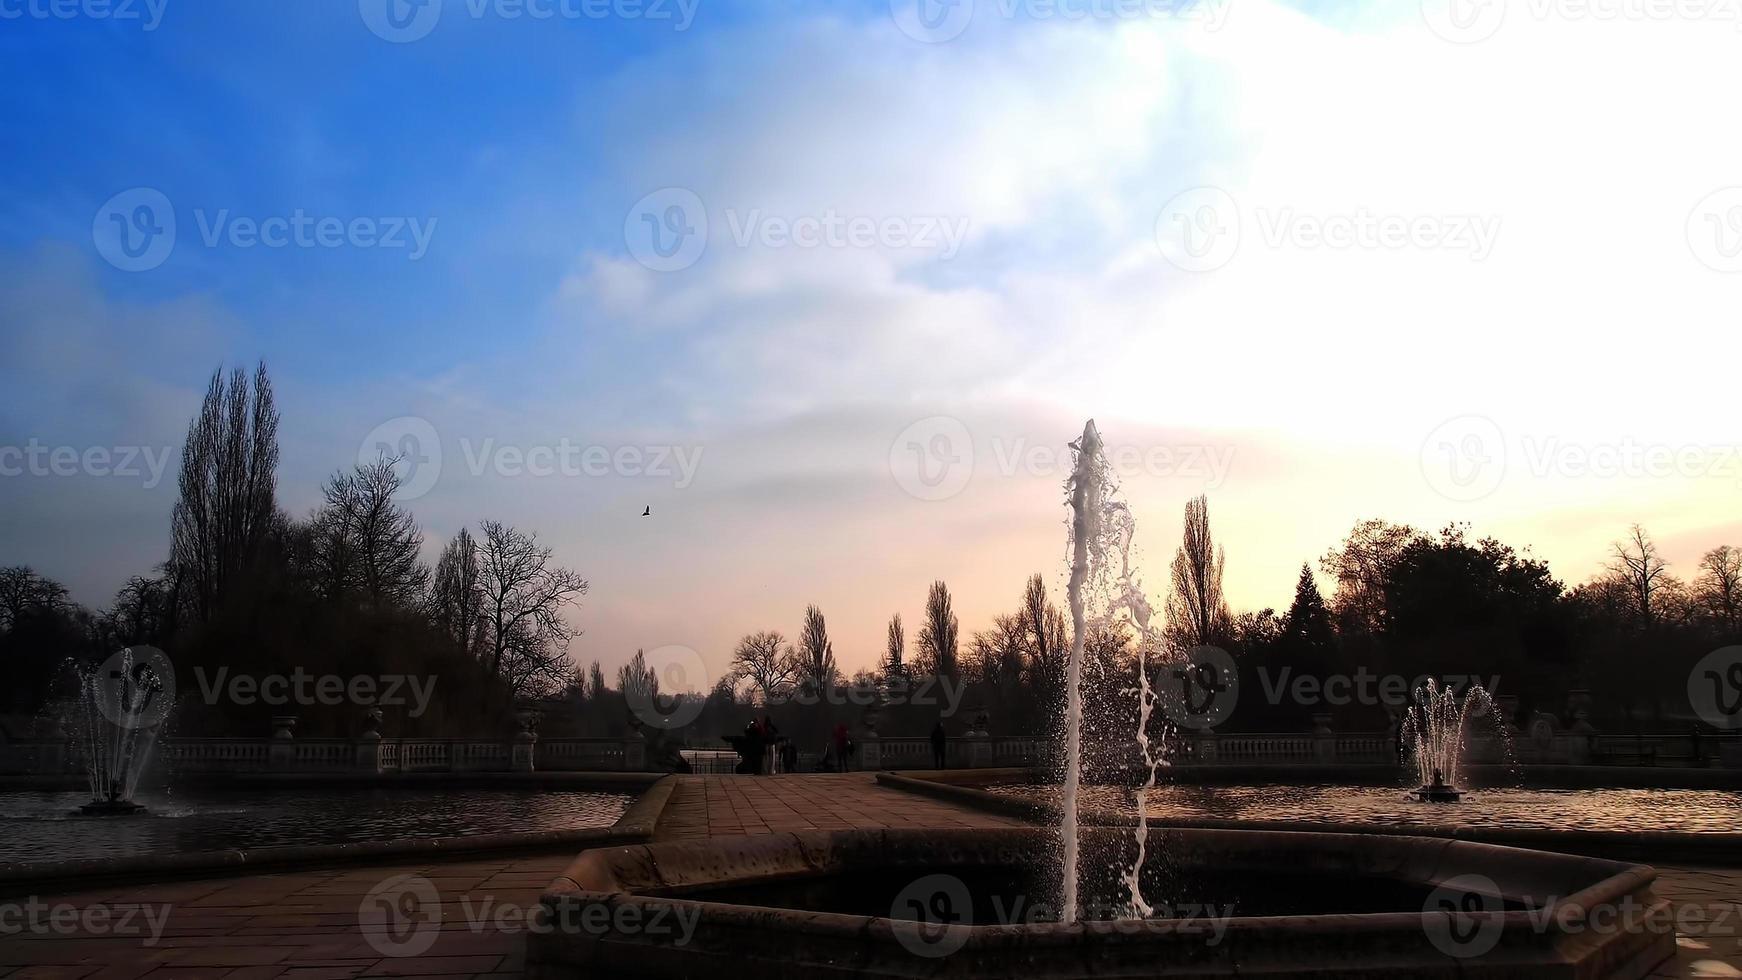 fuente en los jardines de kensington al atardecer foto